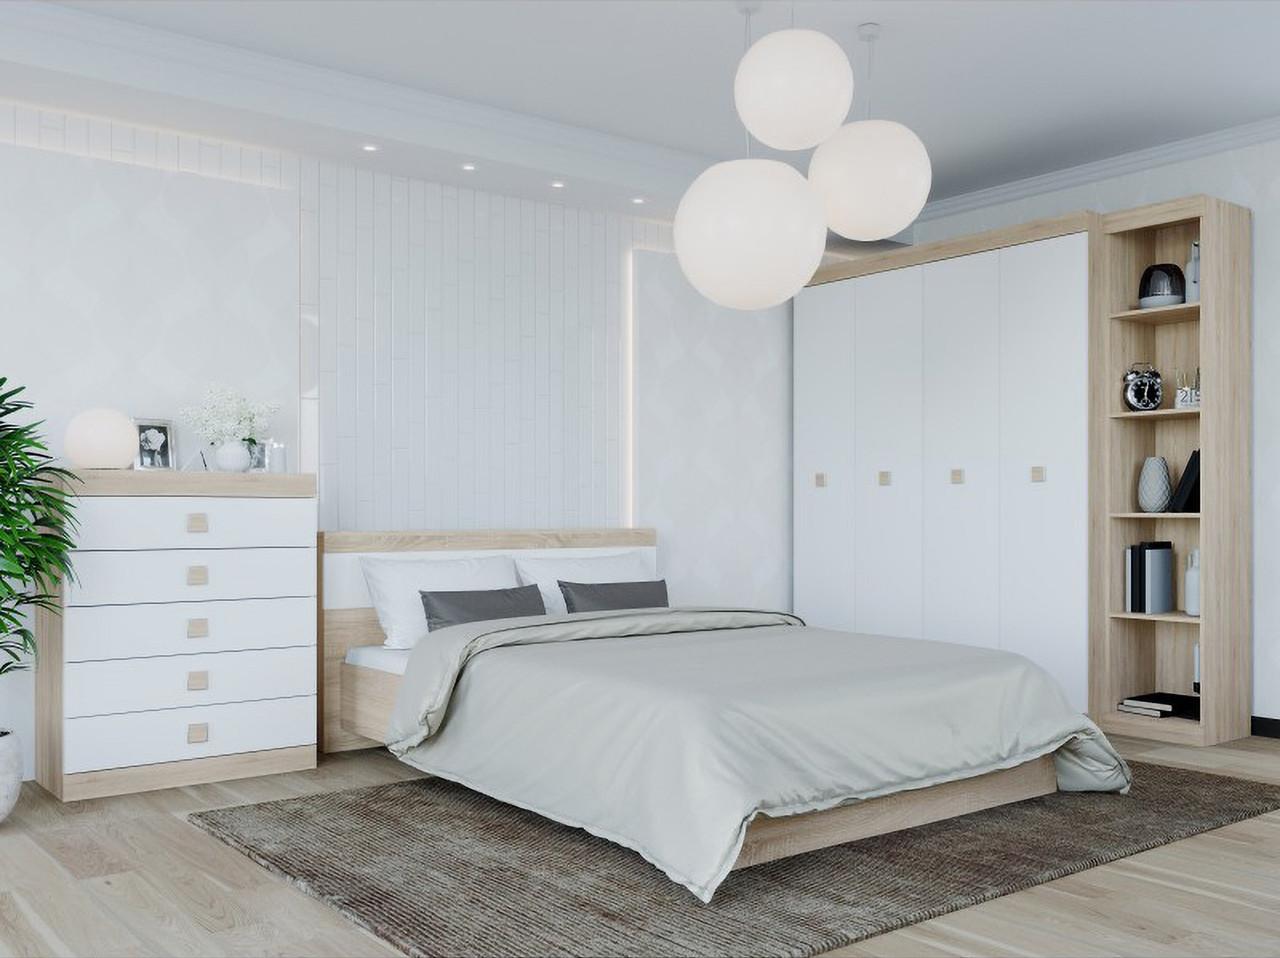 Спальня комплект 3 ЭВЕРЕСТ Дуб сонома + Белый